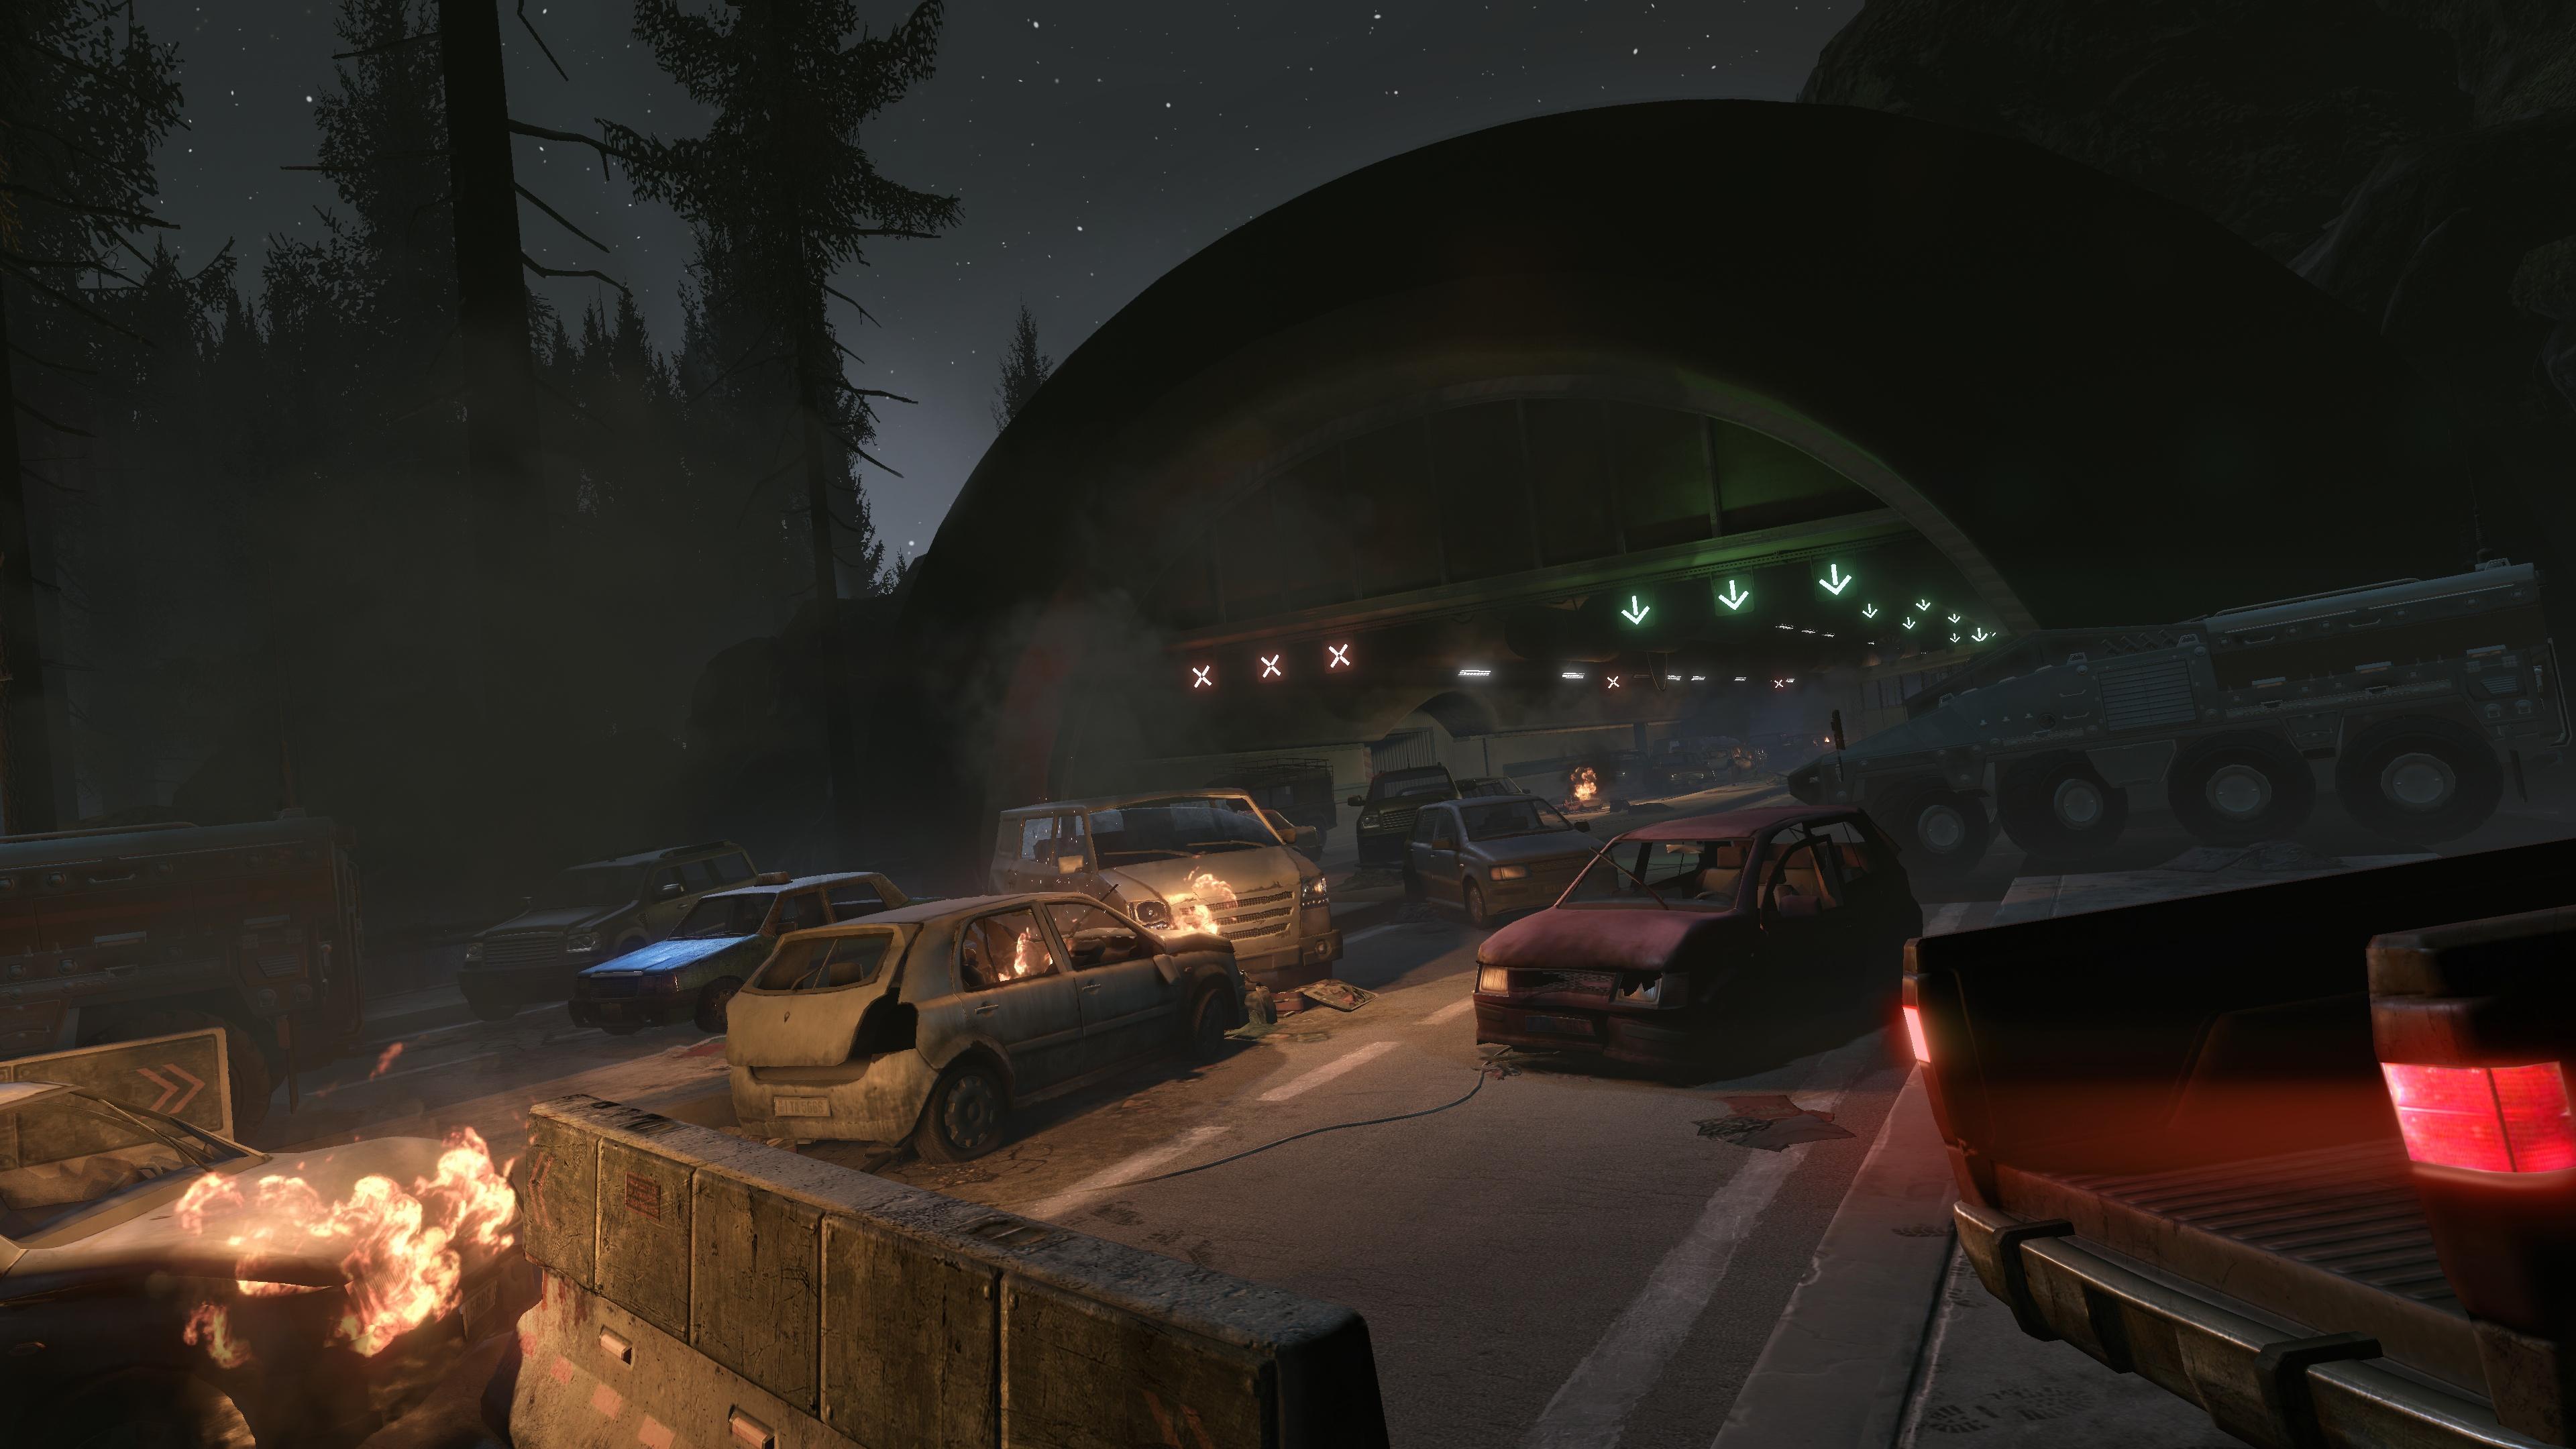 Warface Cyber Horde Environment Screenshot 02